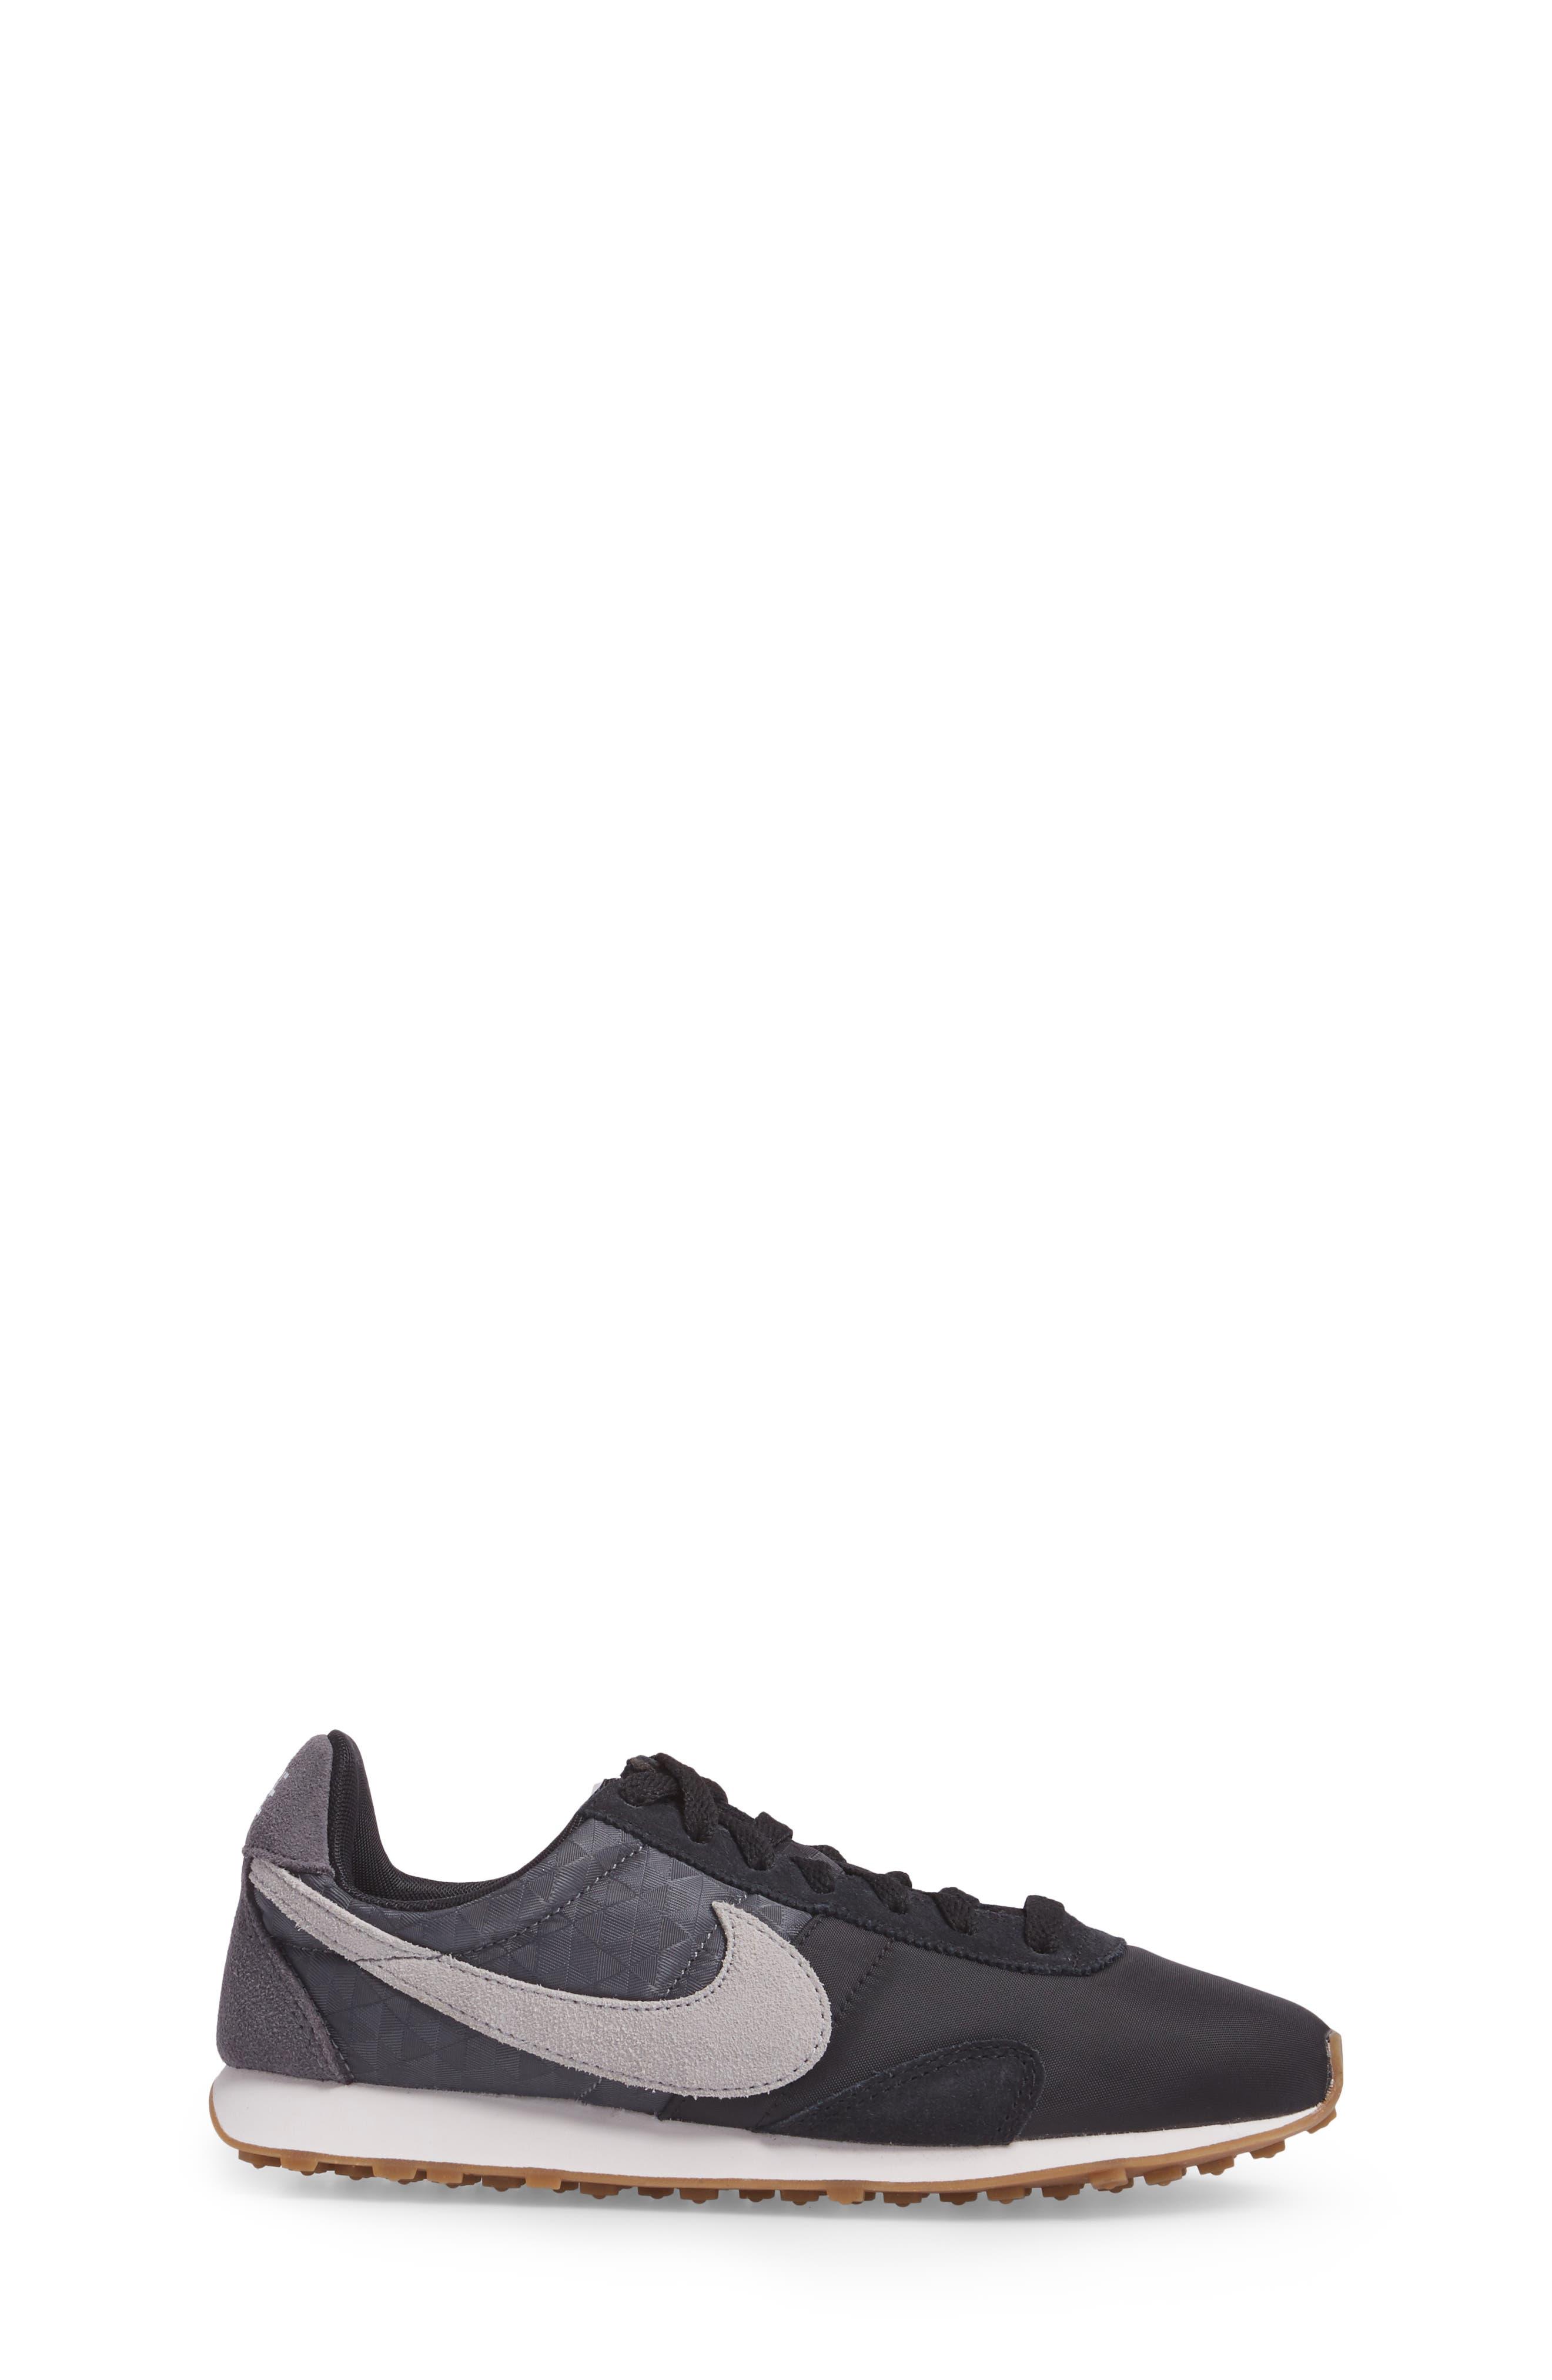 Pre Montreal Racer Sneaker,                             Alternate thumbnail 3, color,